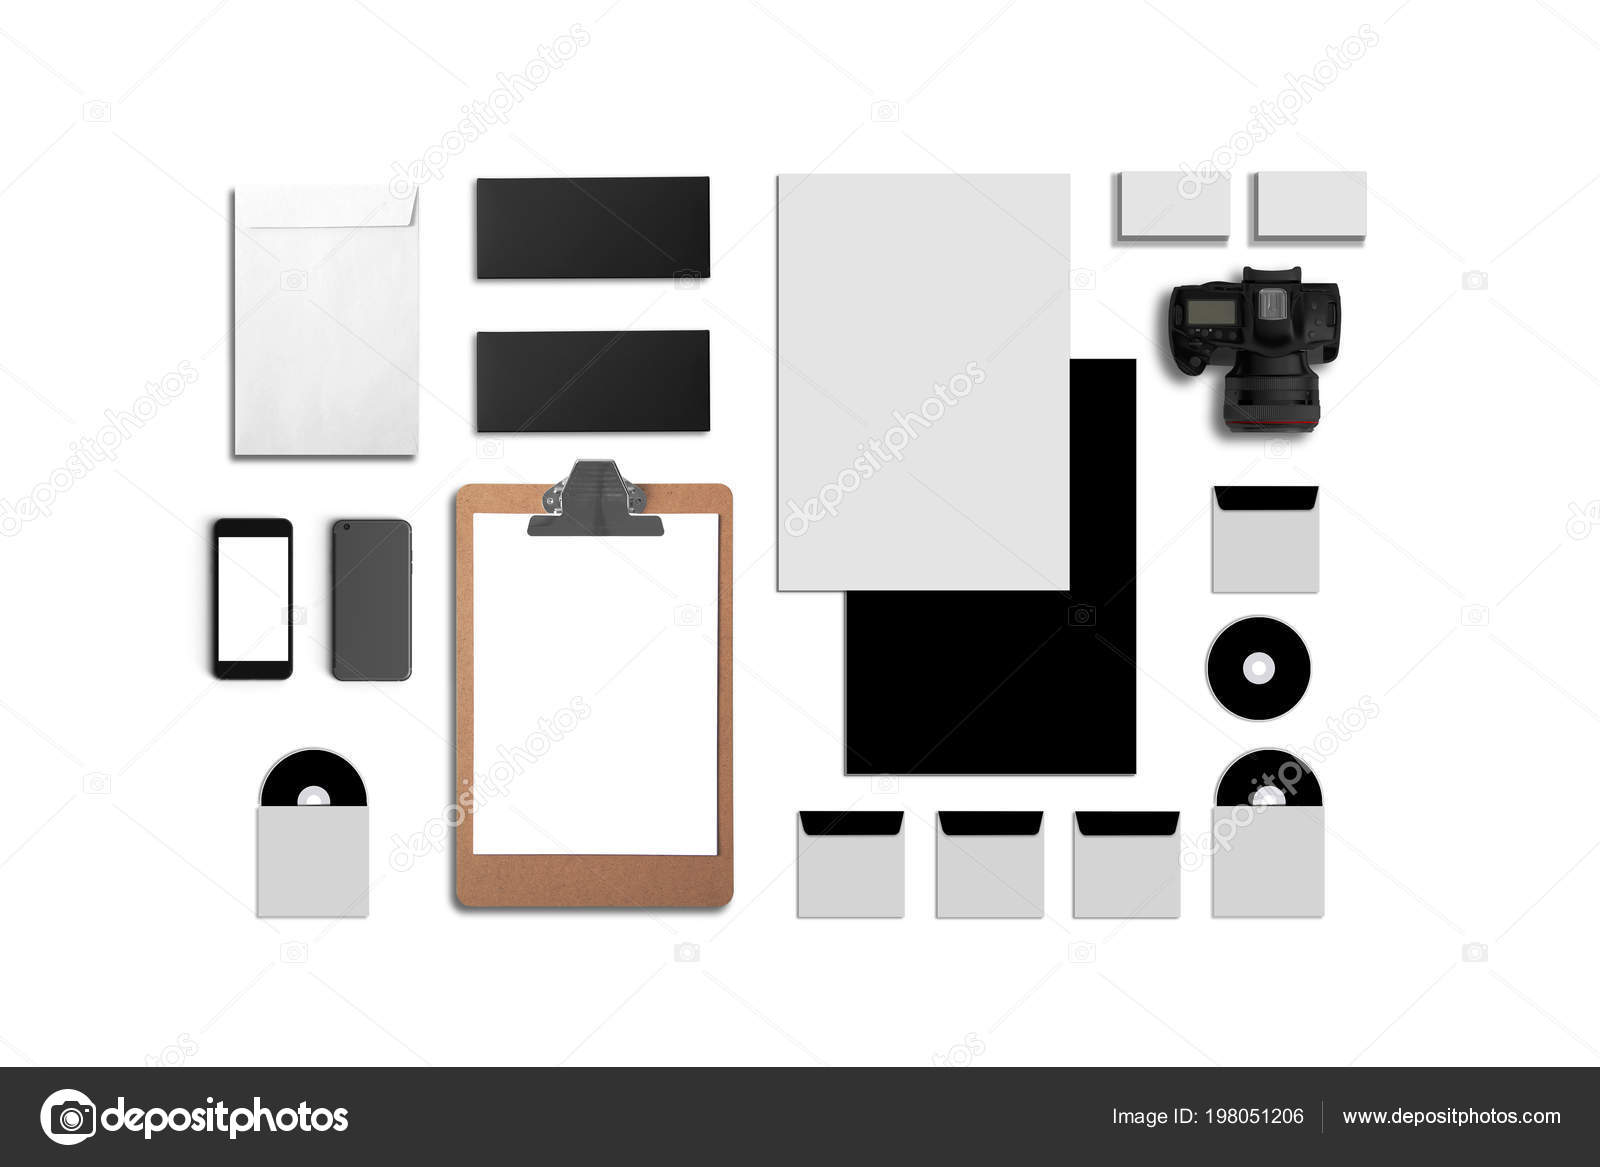 Compos De Cartes Visite Dossier Tablet Pc Enveloppes A4 Papier En Tte Ordinateurs Portables Flash Crayon Disque Cd Et Les Tlphones